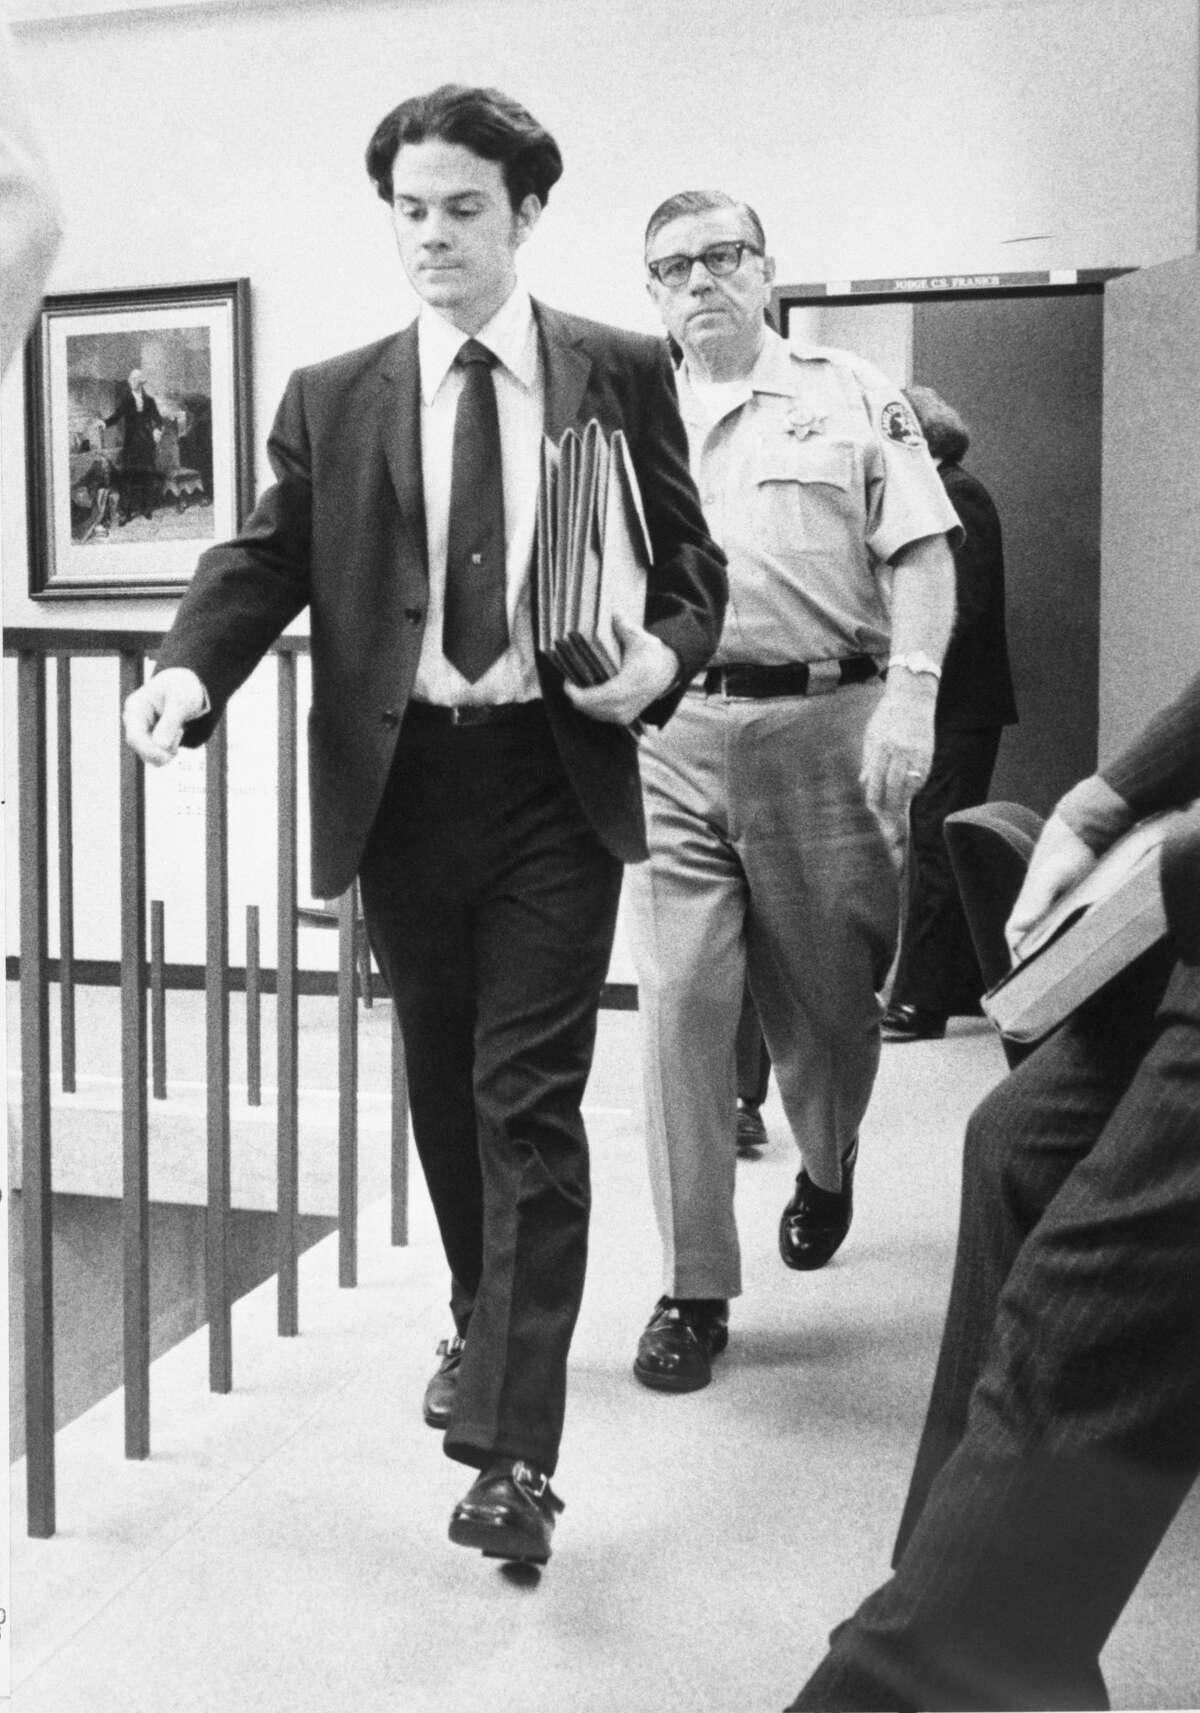 Serial killer Herbert Mullin arrives in court.